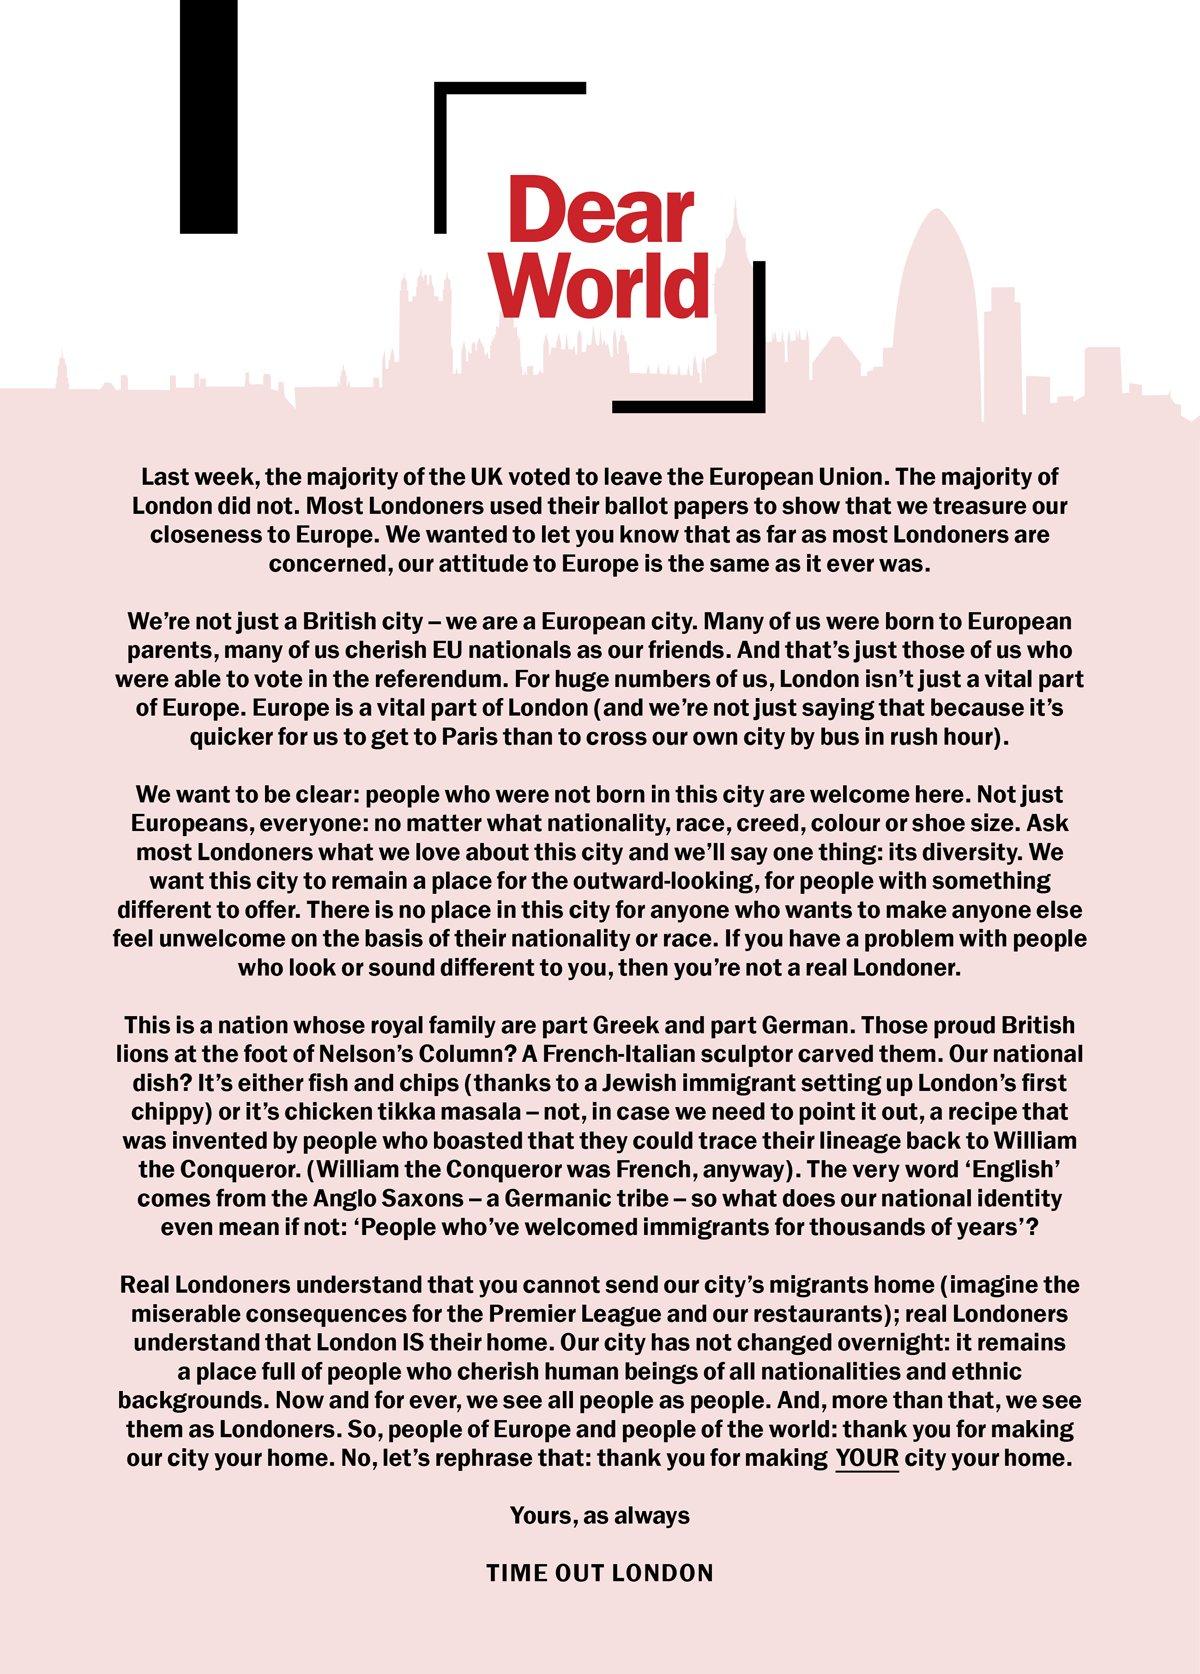 Dear world, from @TimeOutLondon. ❤️ #LondonIsOpen https://t.co/q6AzhHEbOM